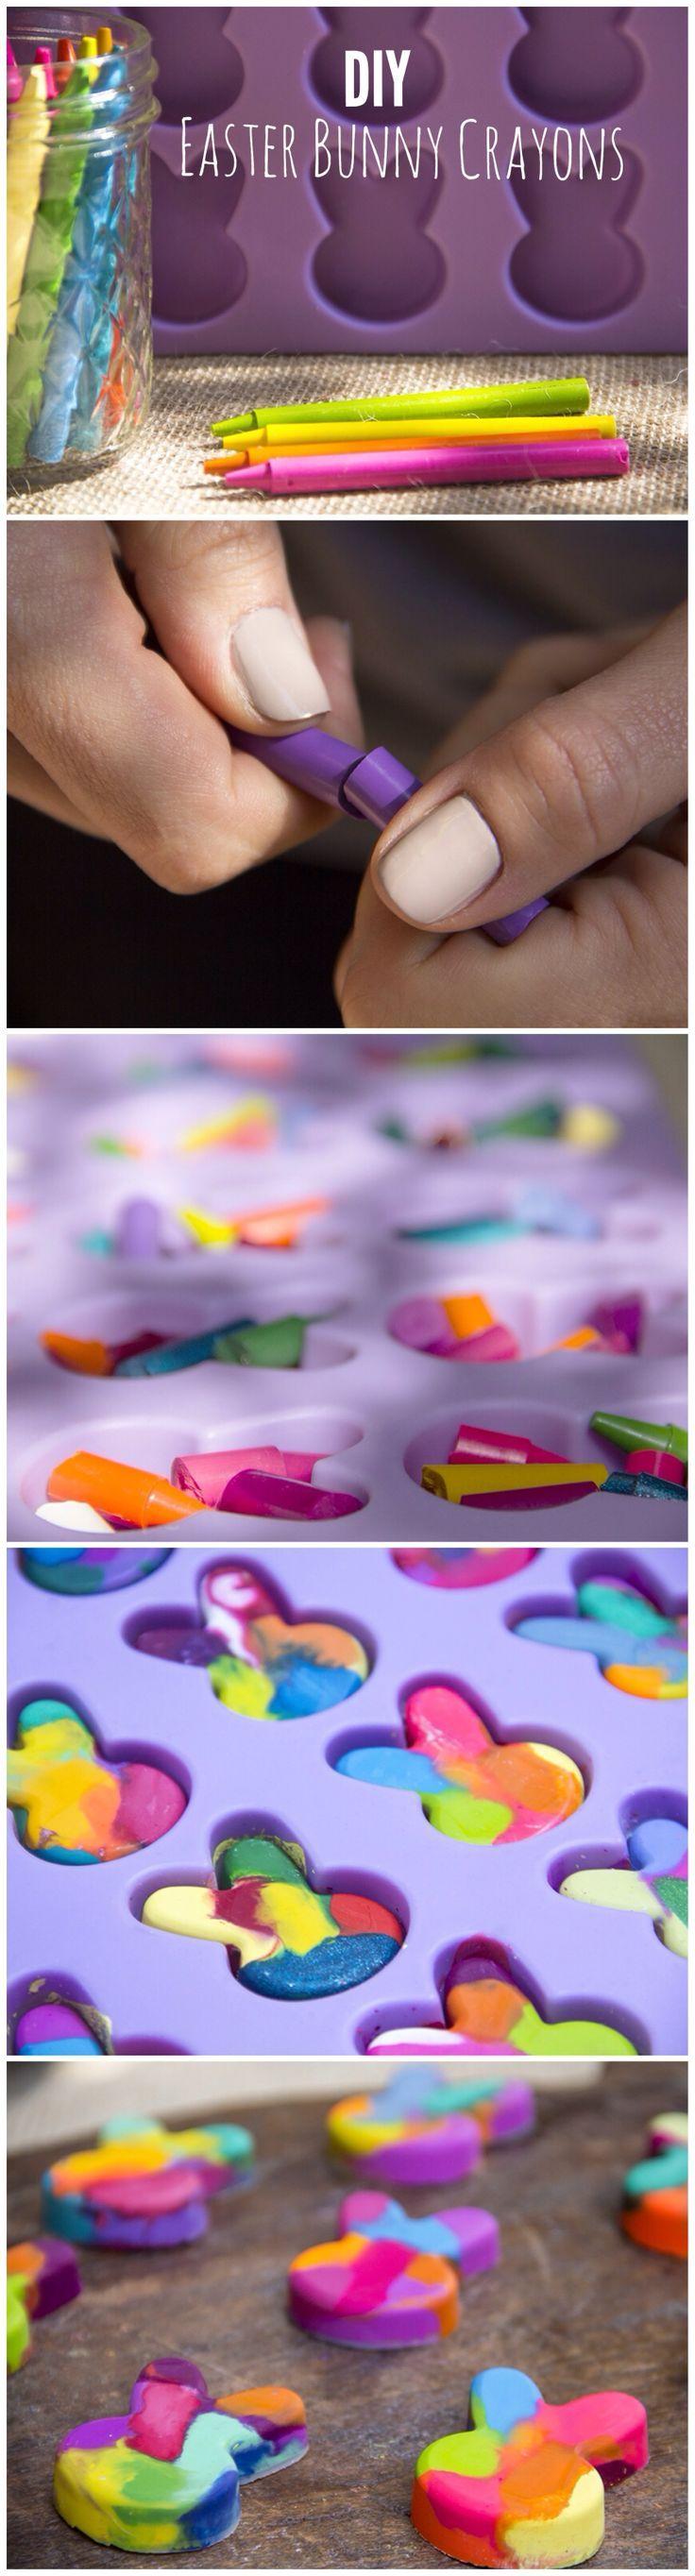 Belles idées originales de décoration à faire soi-même pour Pâques 2015! Décoration, recettes et bricolages pour Pâques 2015!